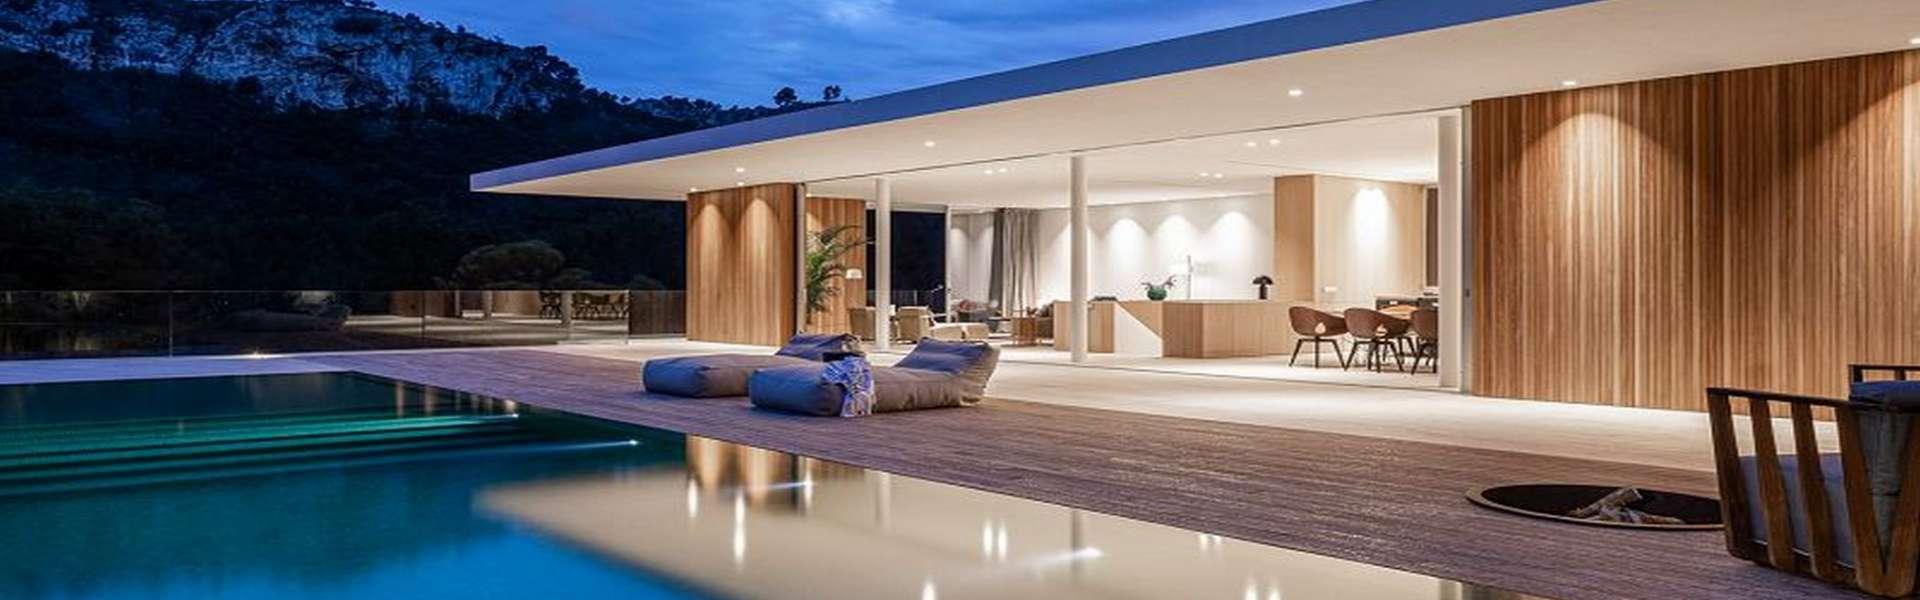 Palma/Son Vida - Luxus Villa mit beeindruckender Aussicht